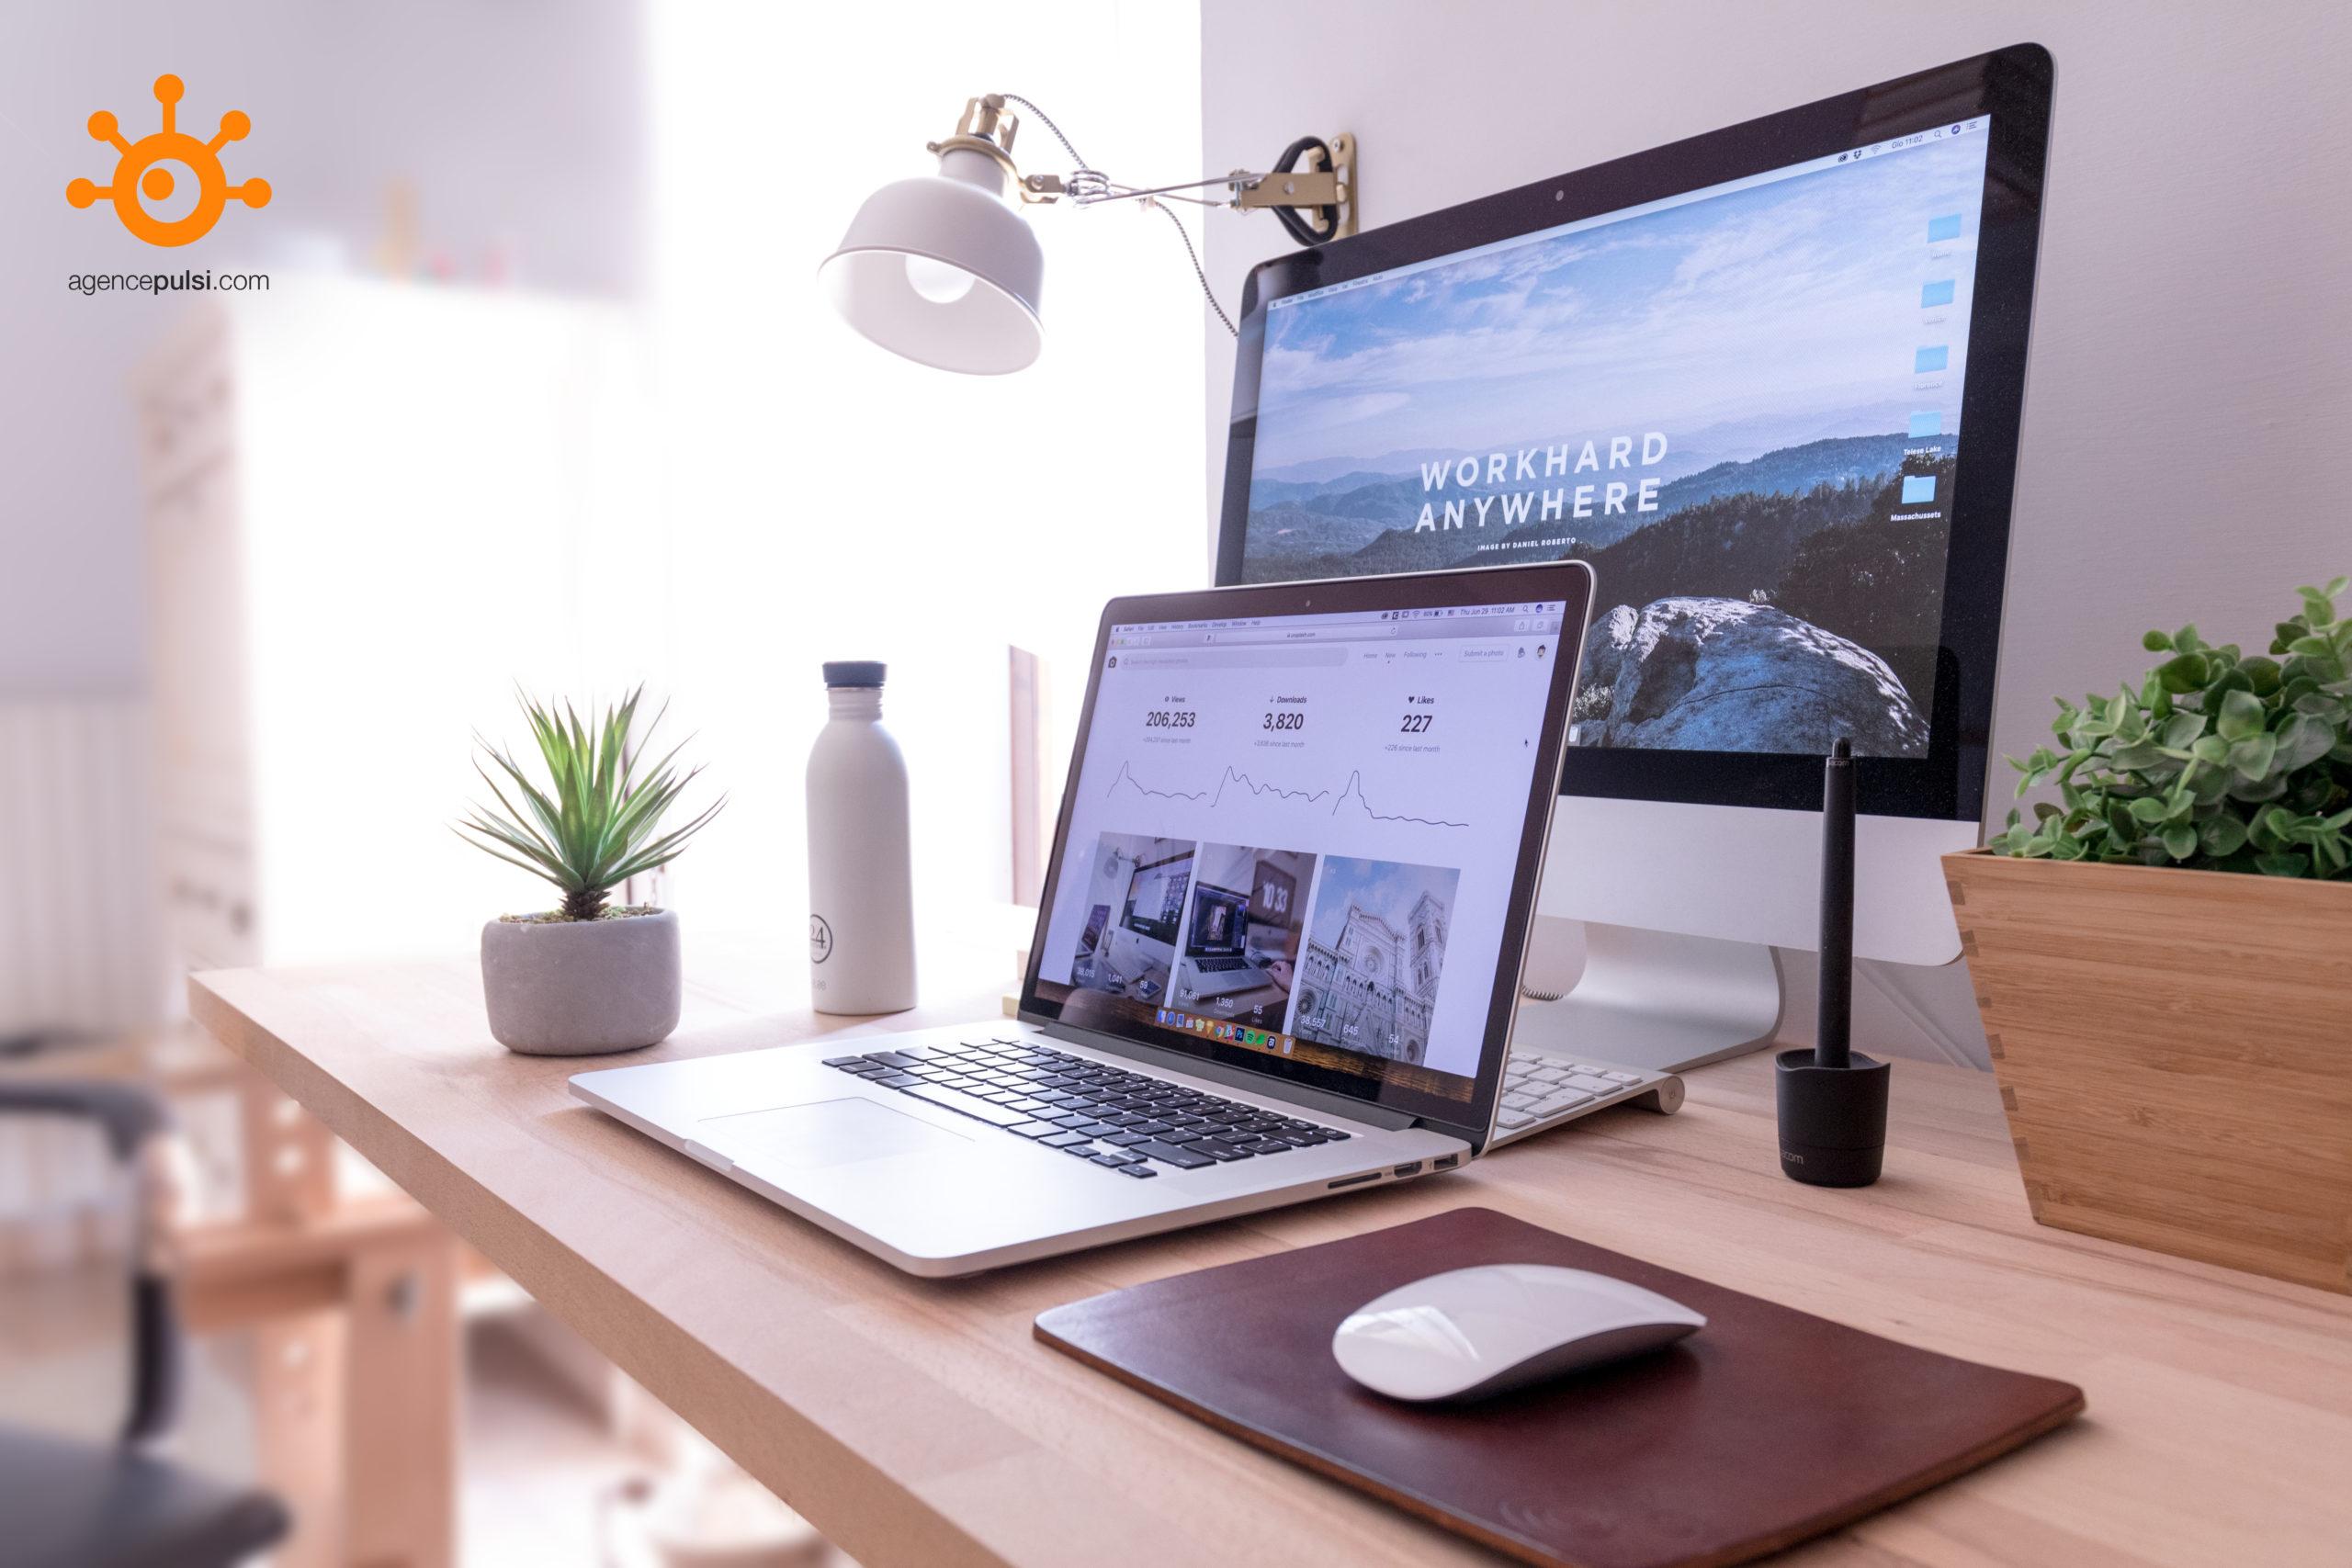 Agence Pulsi idées reçues environnement numérique